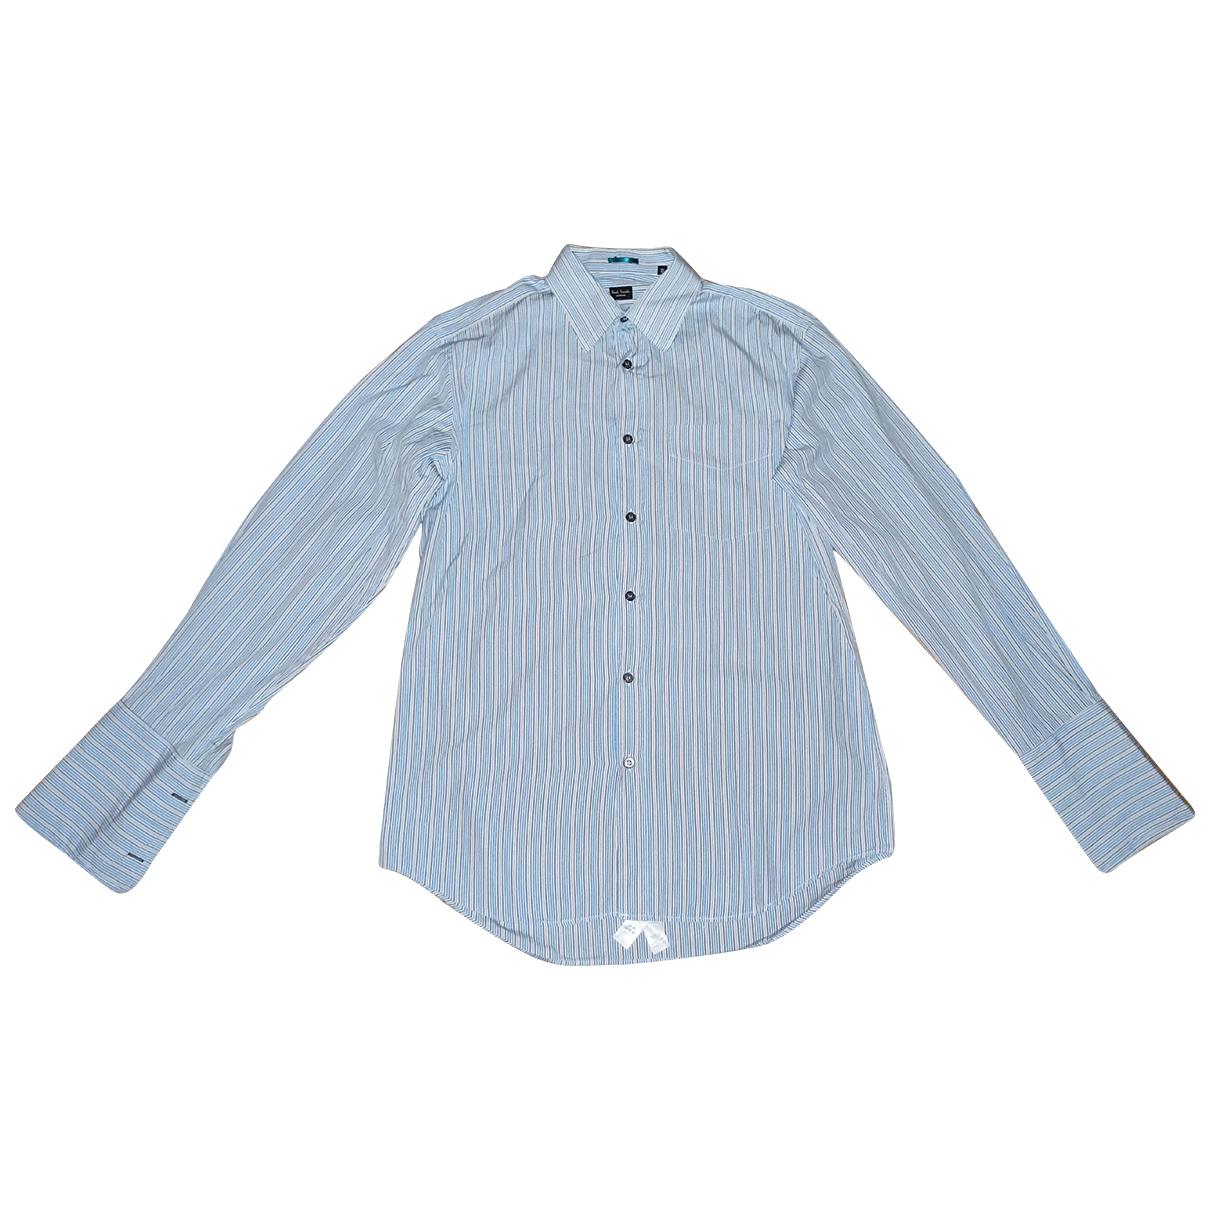 Paul Smith N Cotton Shirts for Men 38 EU (tour de cou / collar)